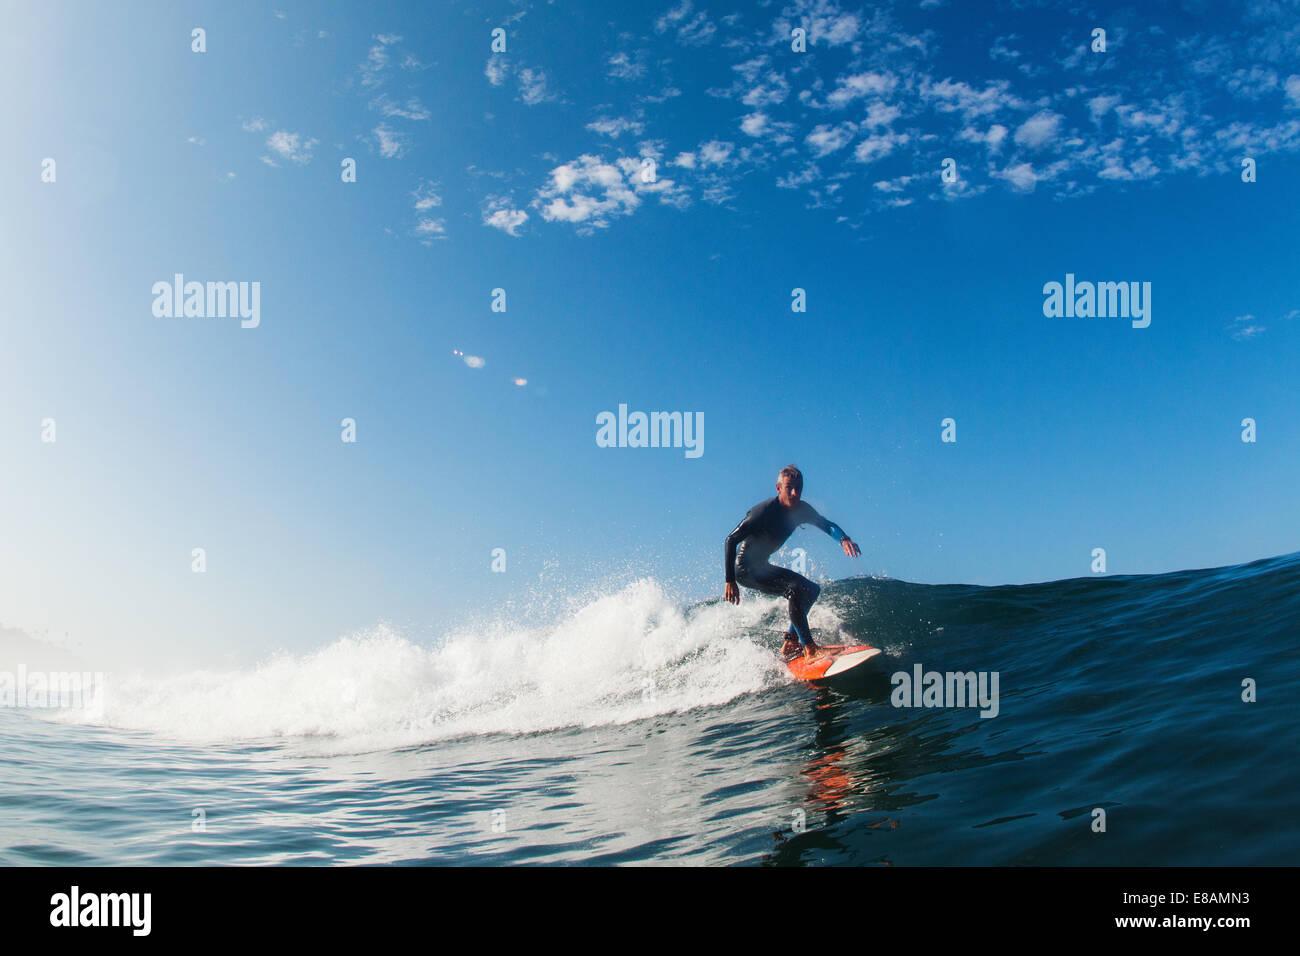 Mitad hombre adulto surf wave, Leucadia, California, EE.UU. Imagen De Stock